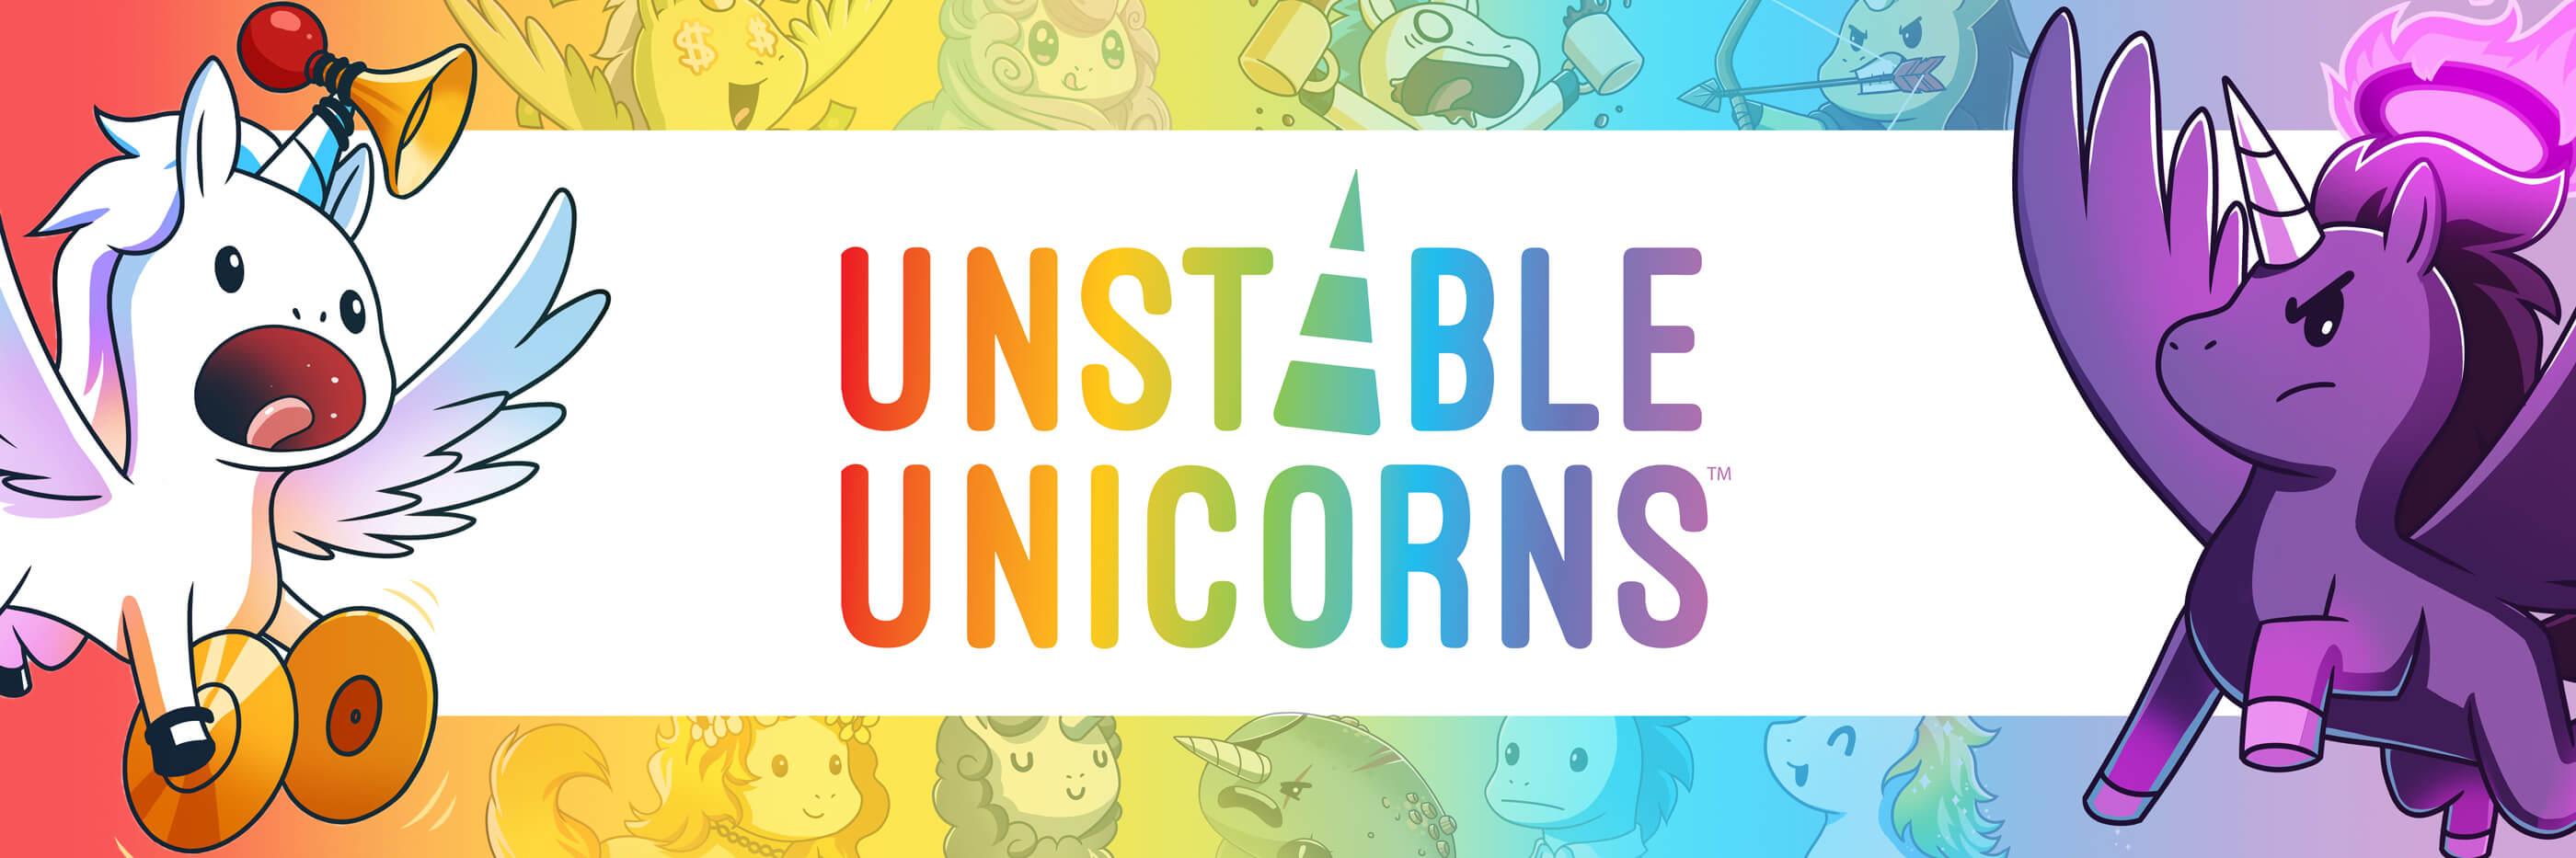 Unstable_Unicorns